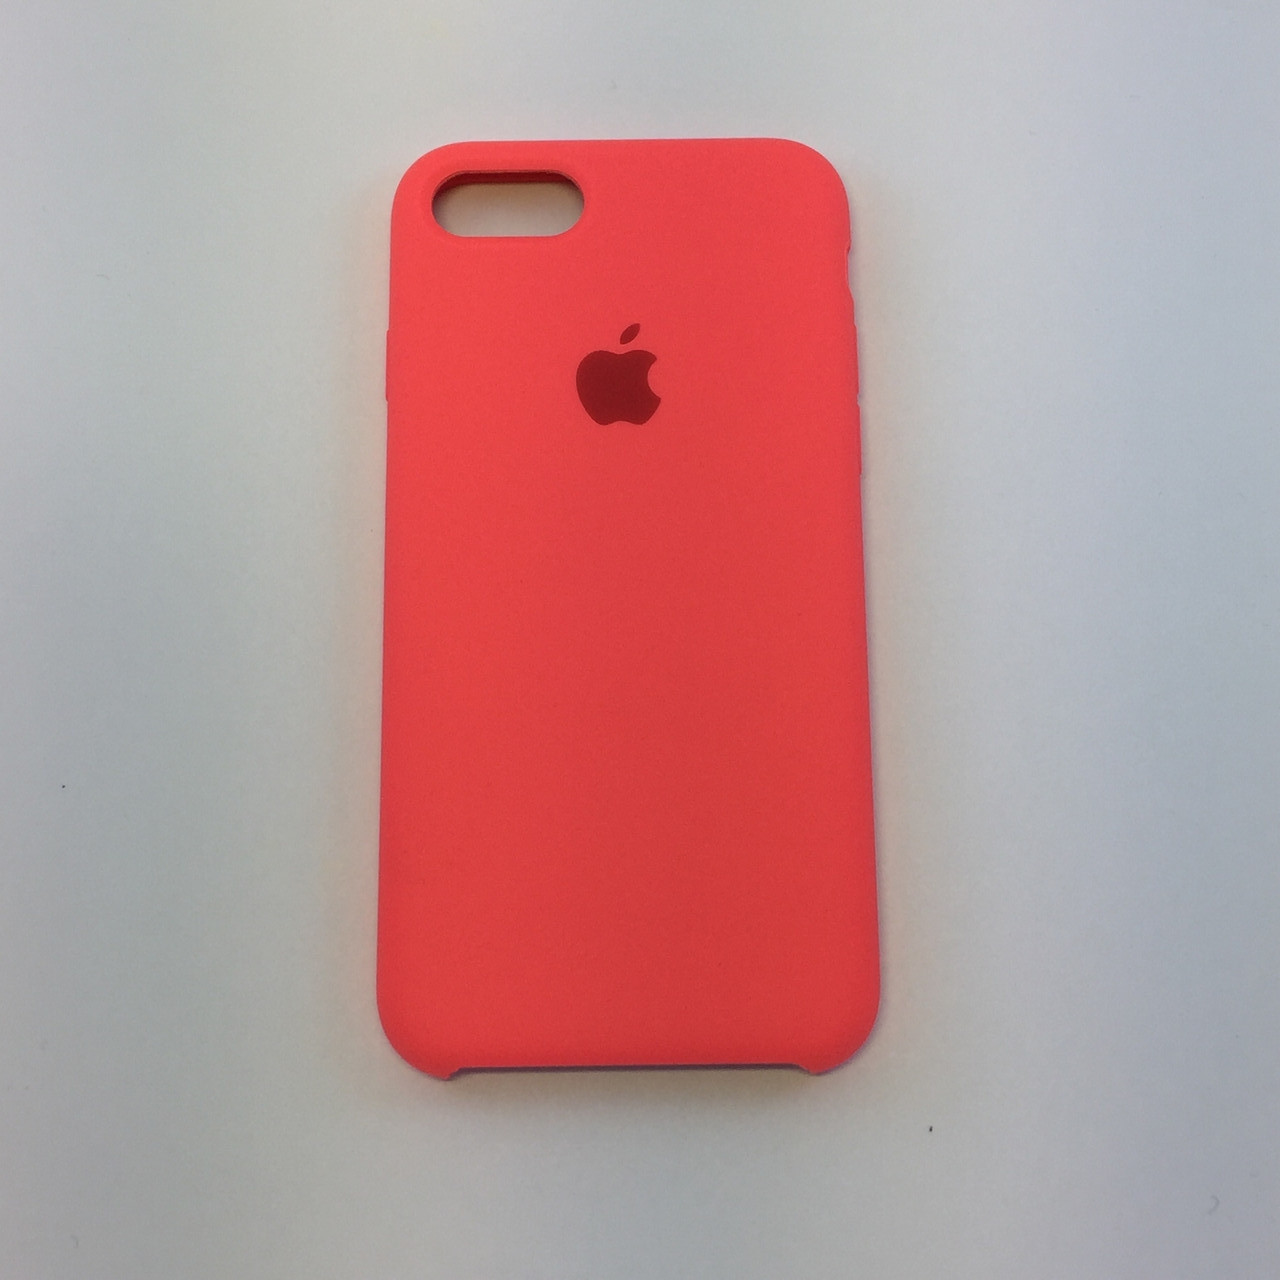 Силиконовый чехол для iPhone 7 Plus, - «кораловый» - copy original